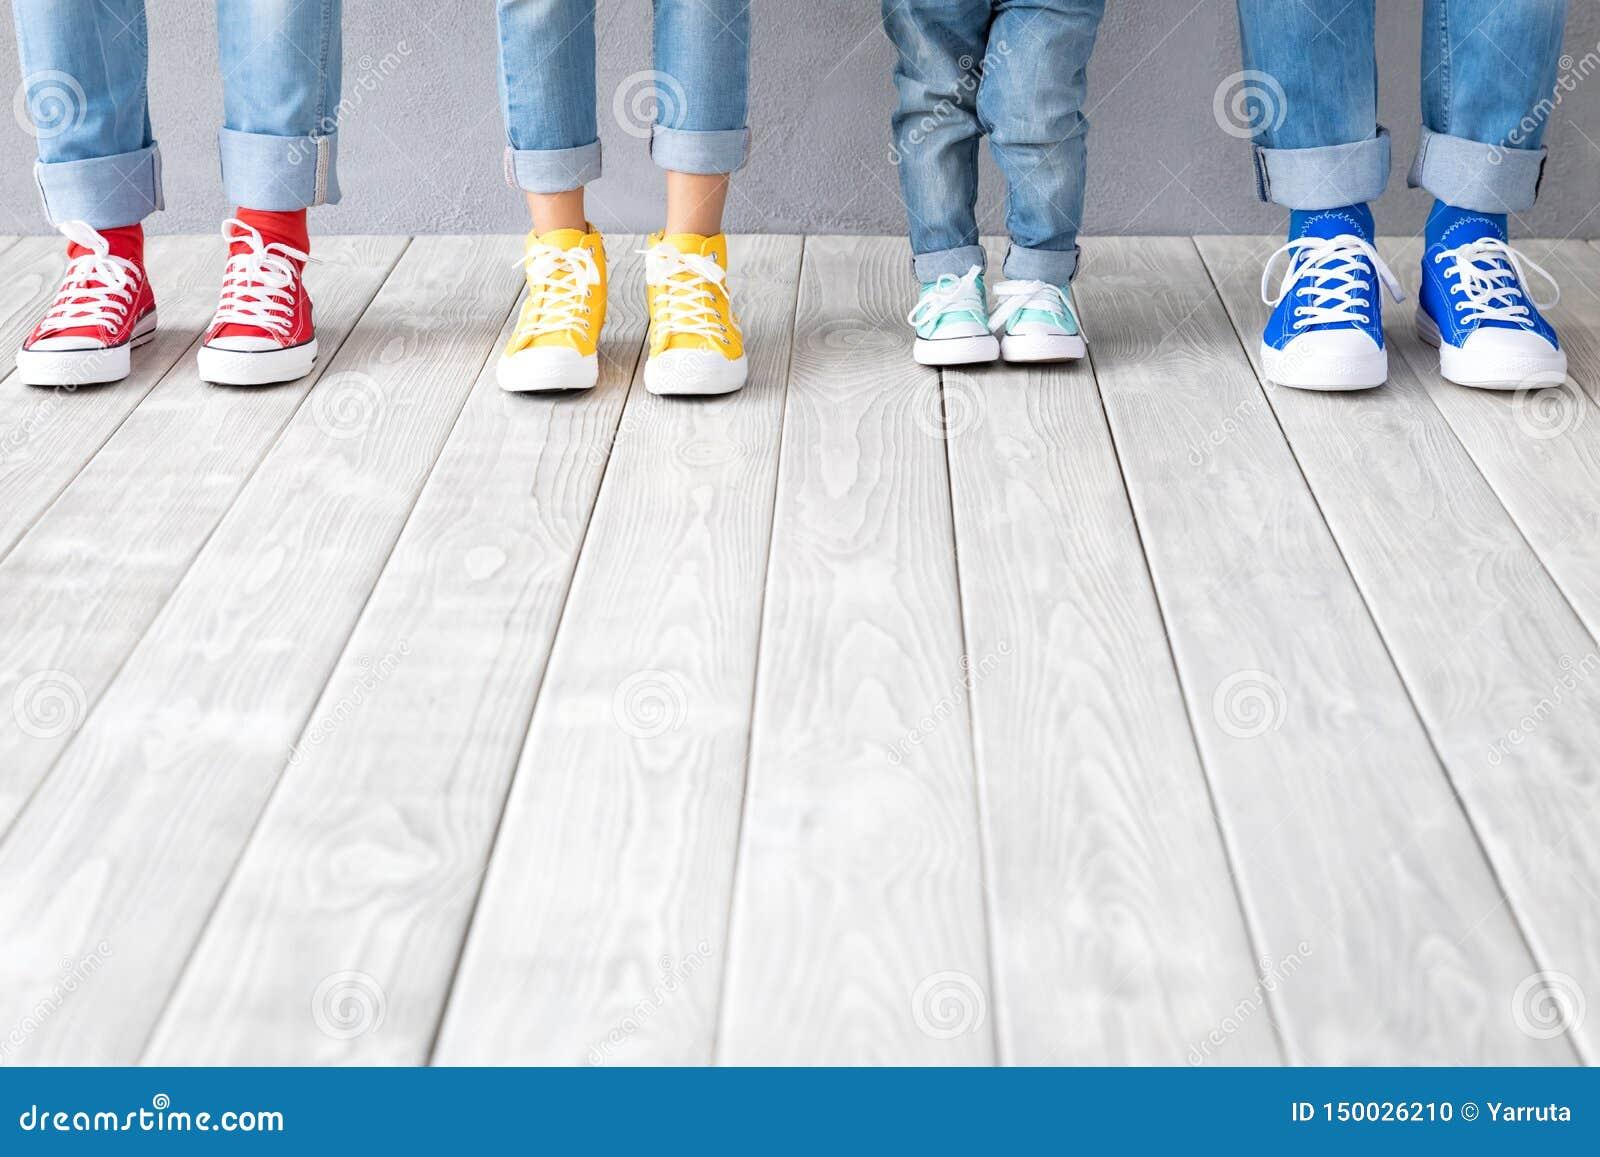 Los pies de la gente en zapatillas de deporte coloridas